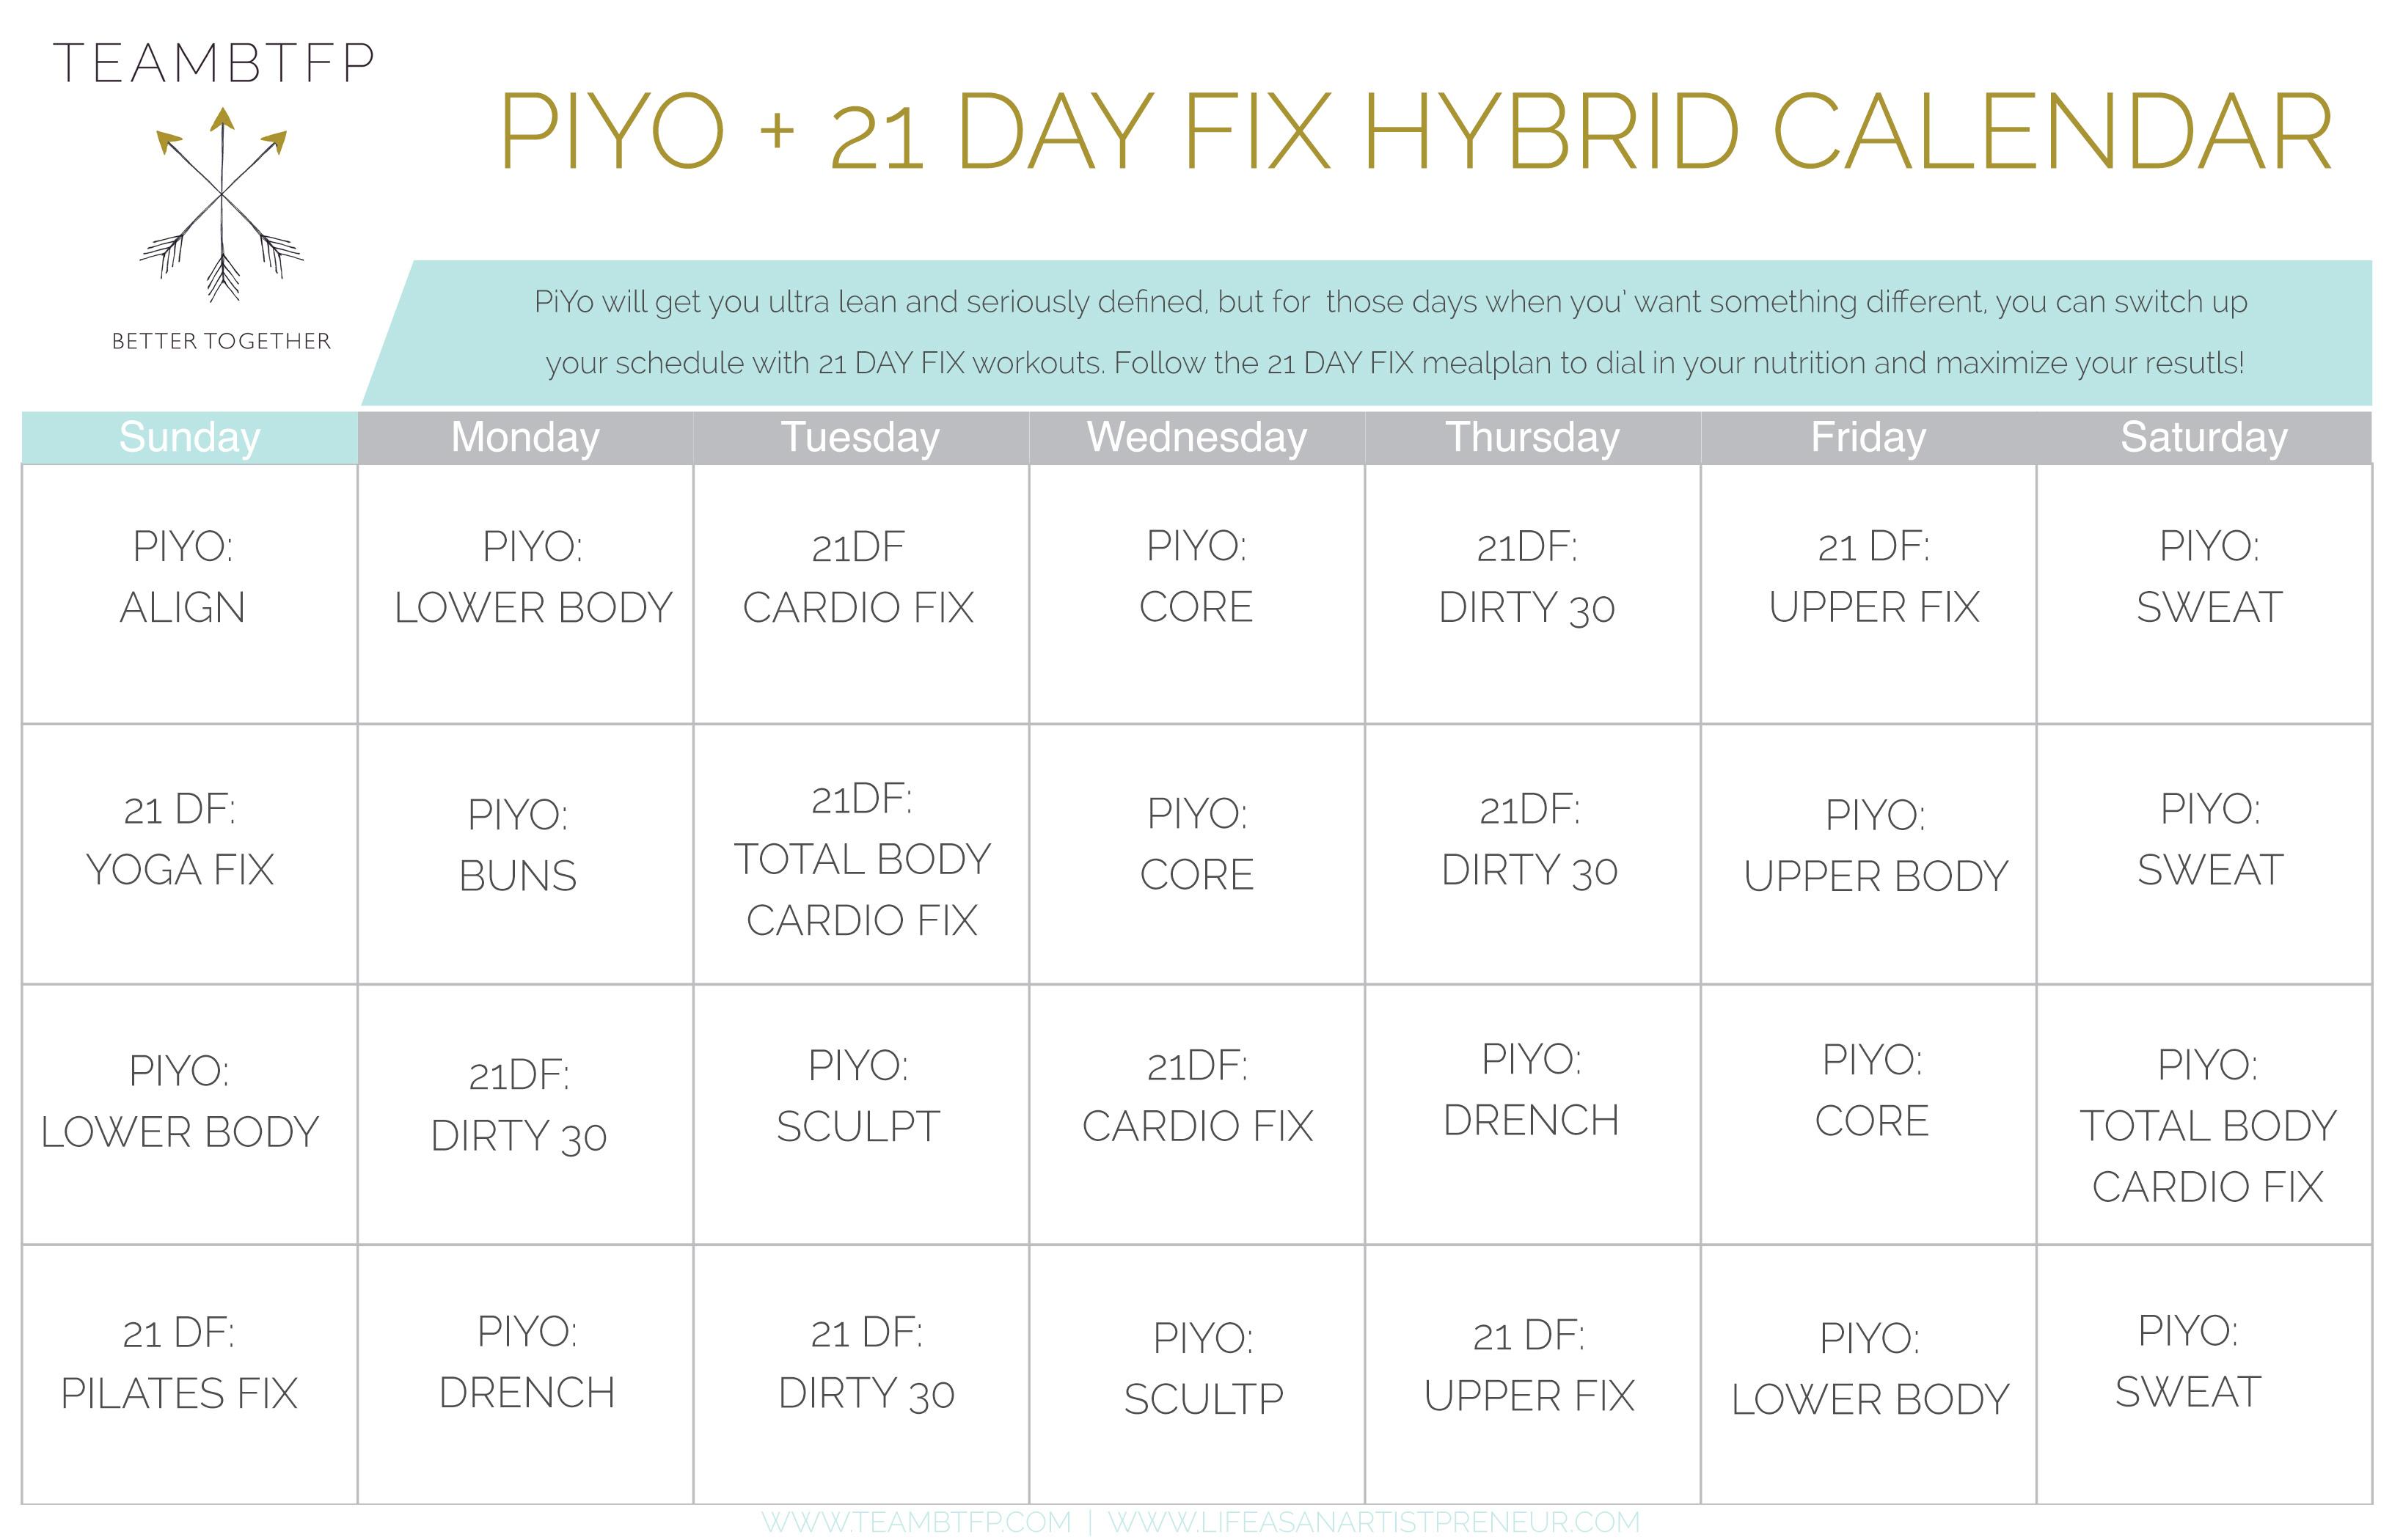 PIYO21dayfixhybridcalendar